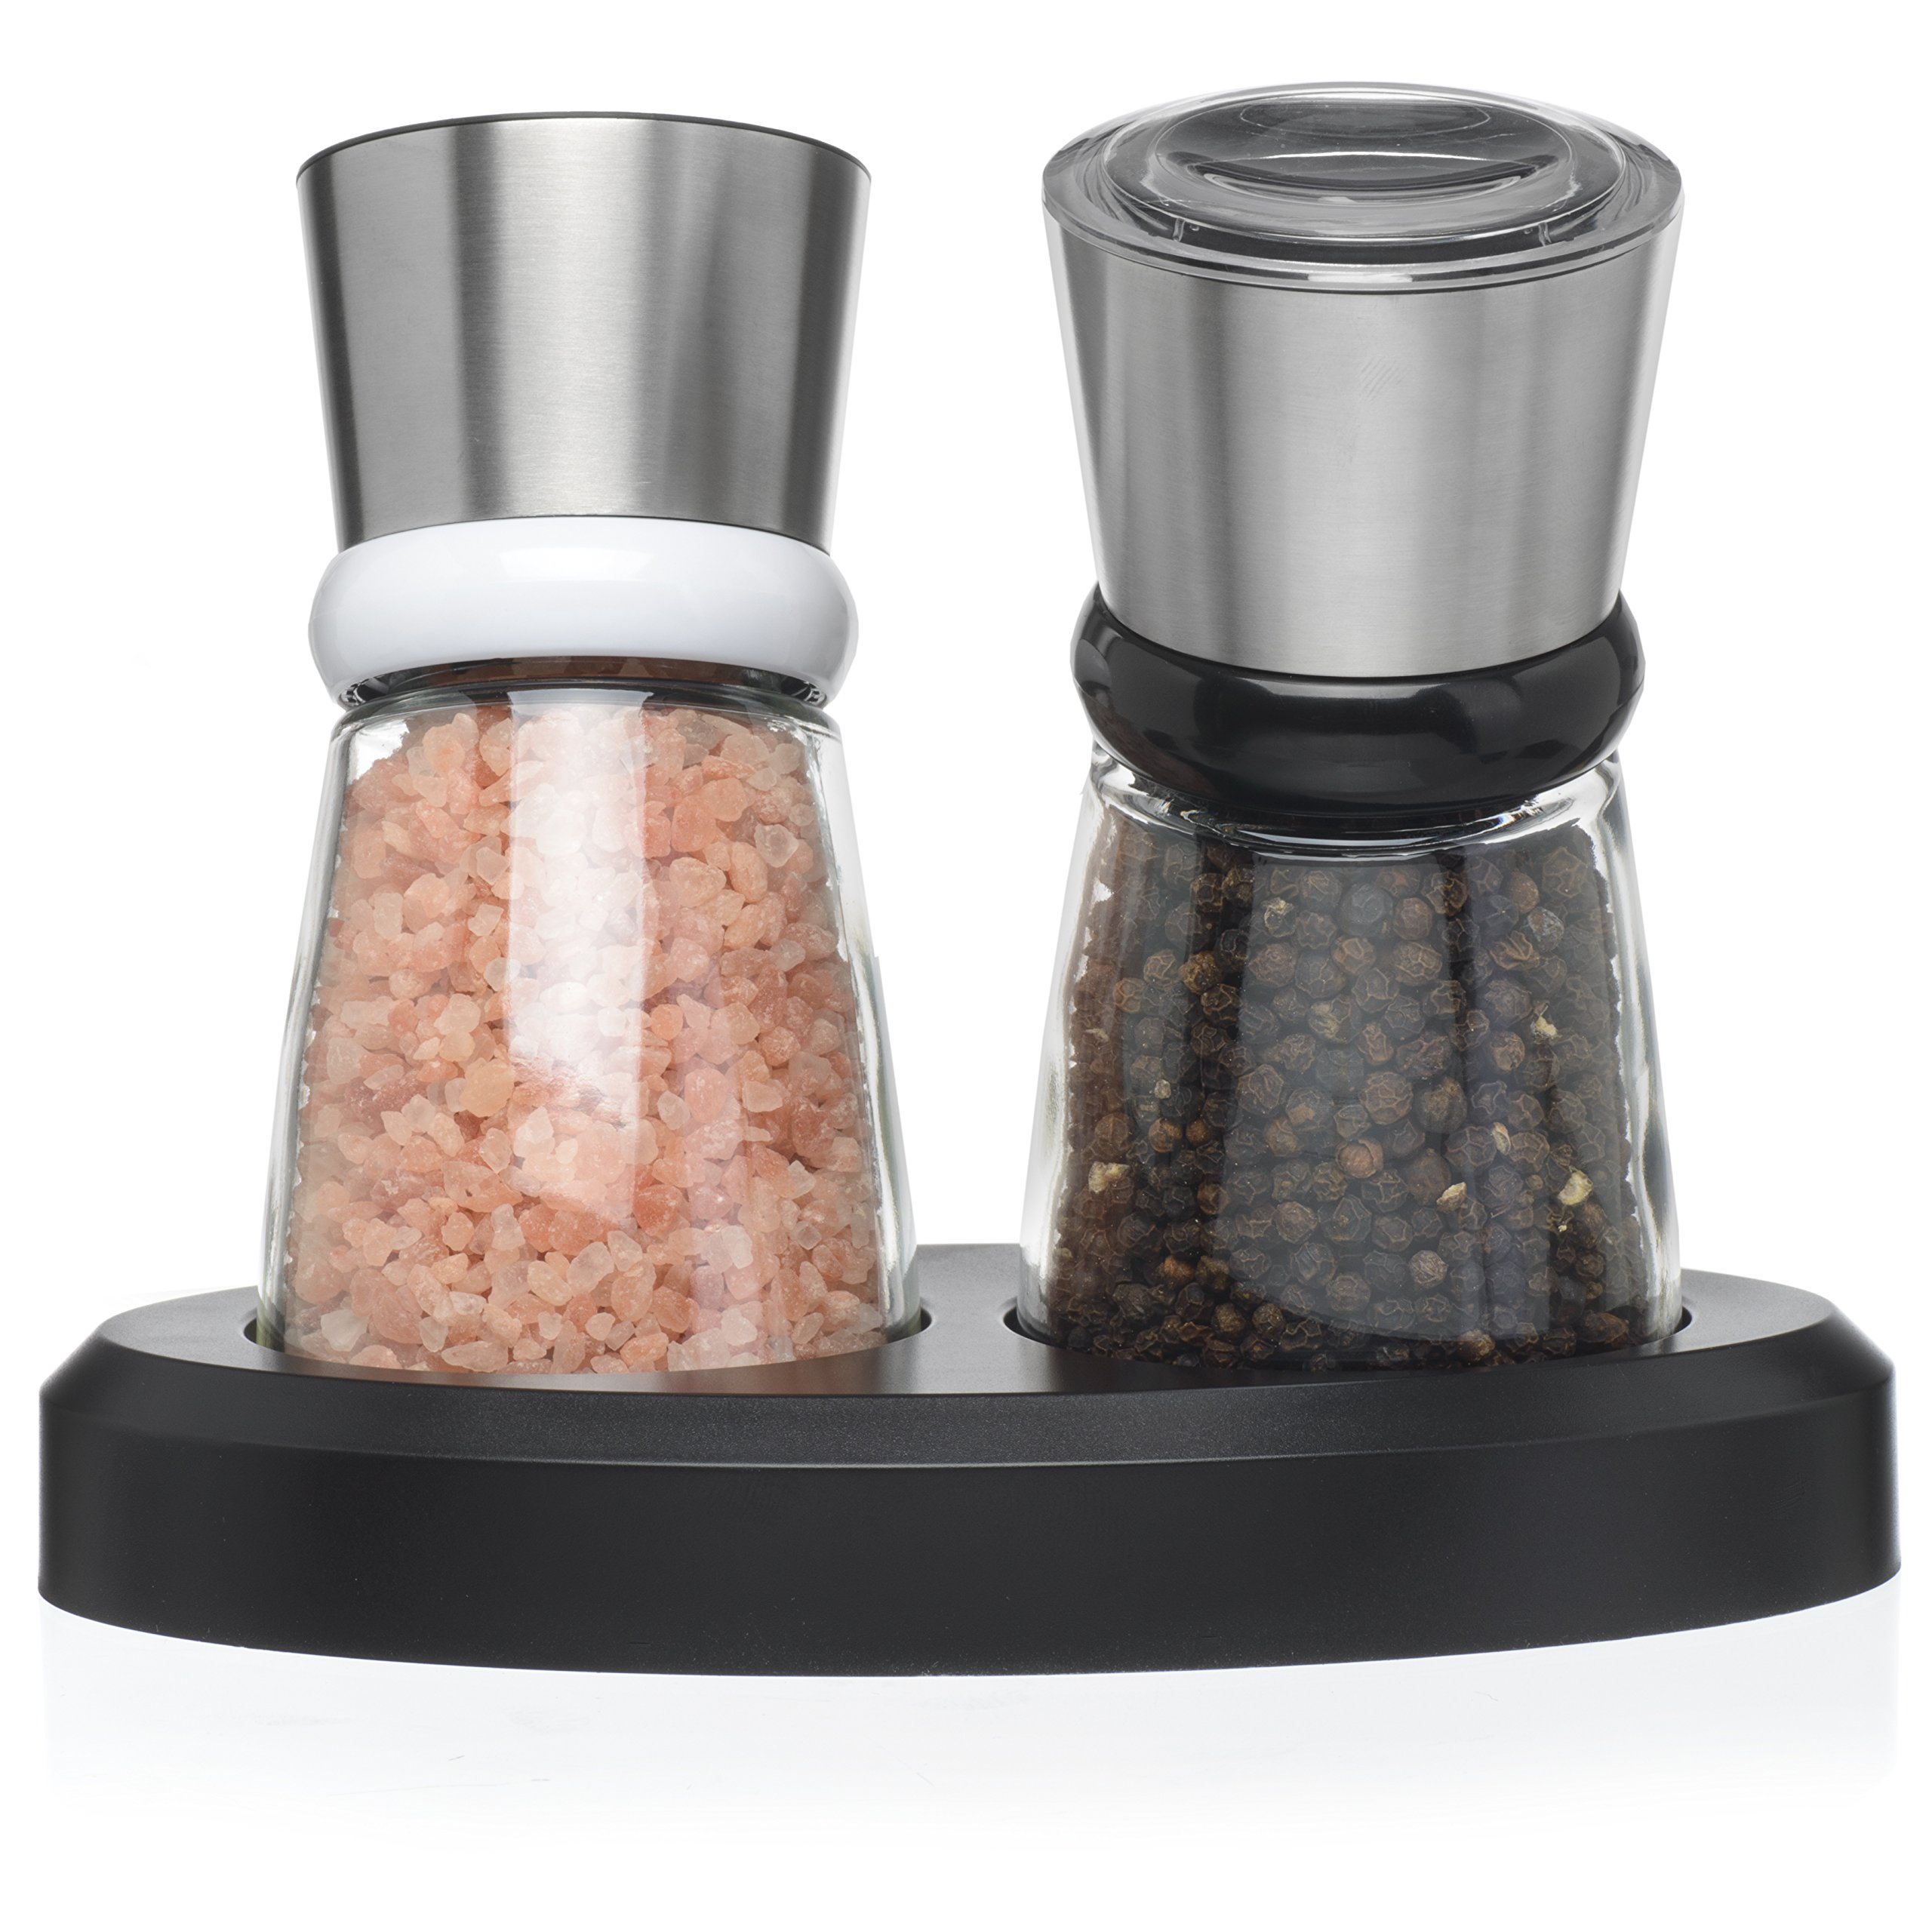 Salt and Pepper Shakers - Salt n Pepper Grinder Set, Adjustable Grind Coarseness, Tilted Base Design, Premium Brushed Stainless Steel Top, Great Christmas Mother's Day Gift Idea (S&P SSteel Tilted)